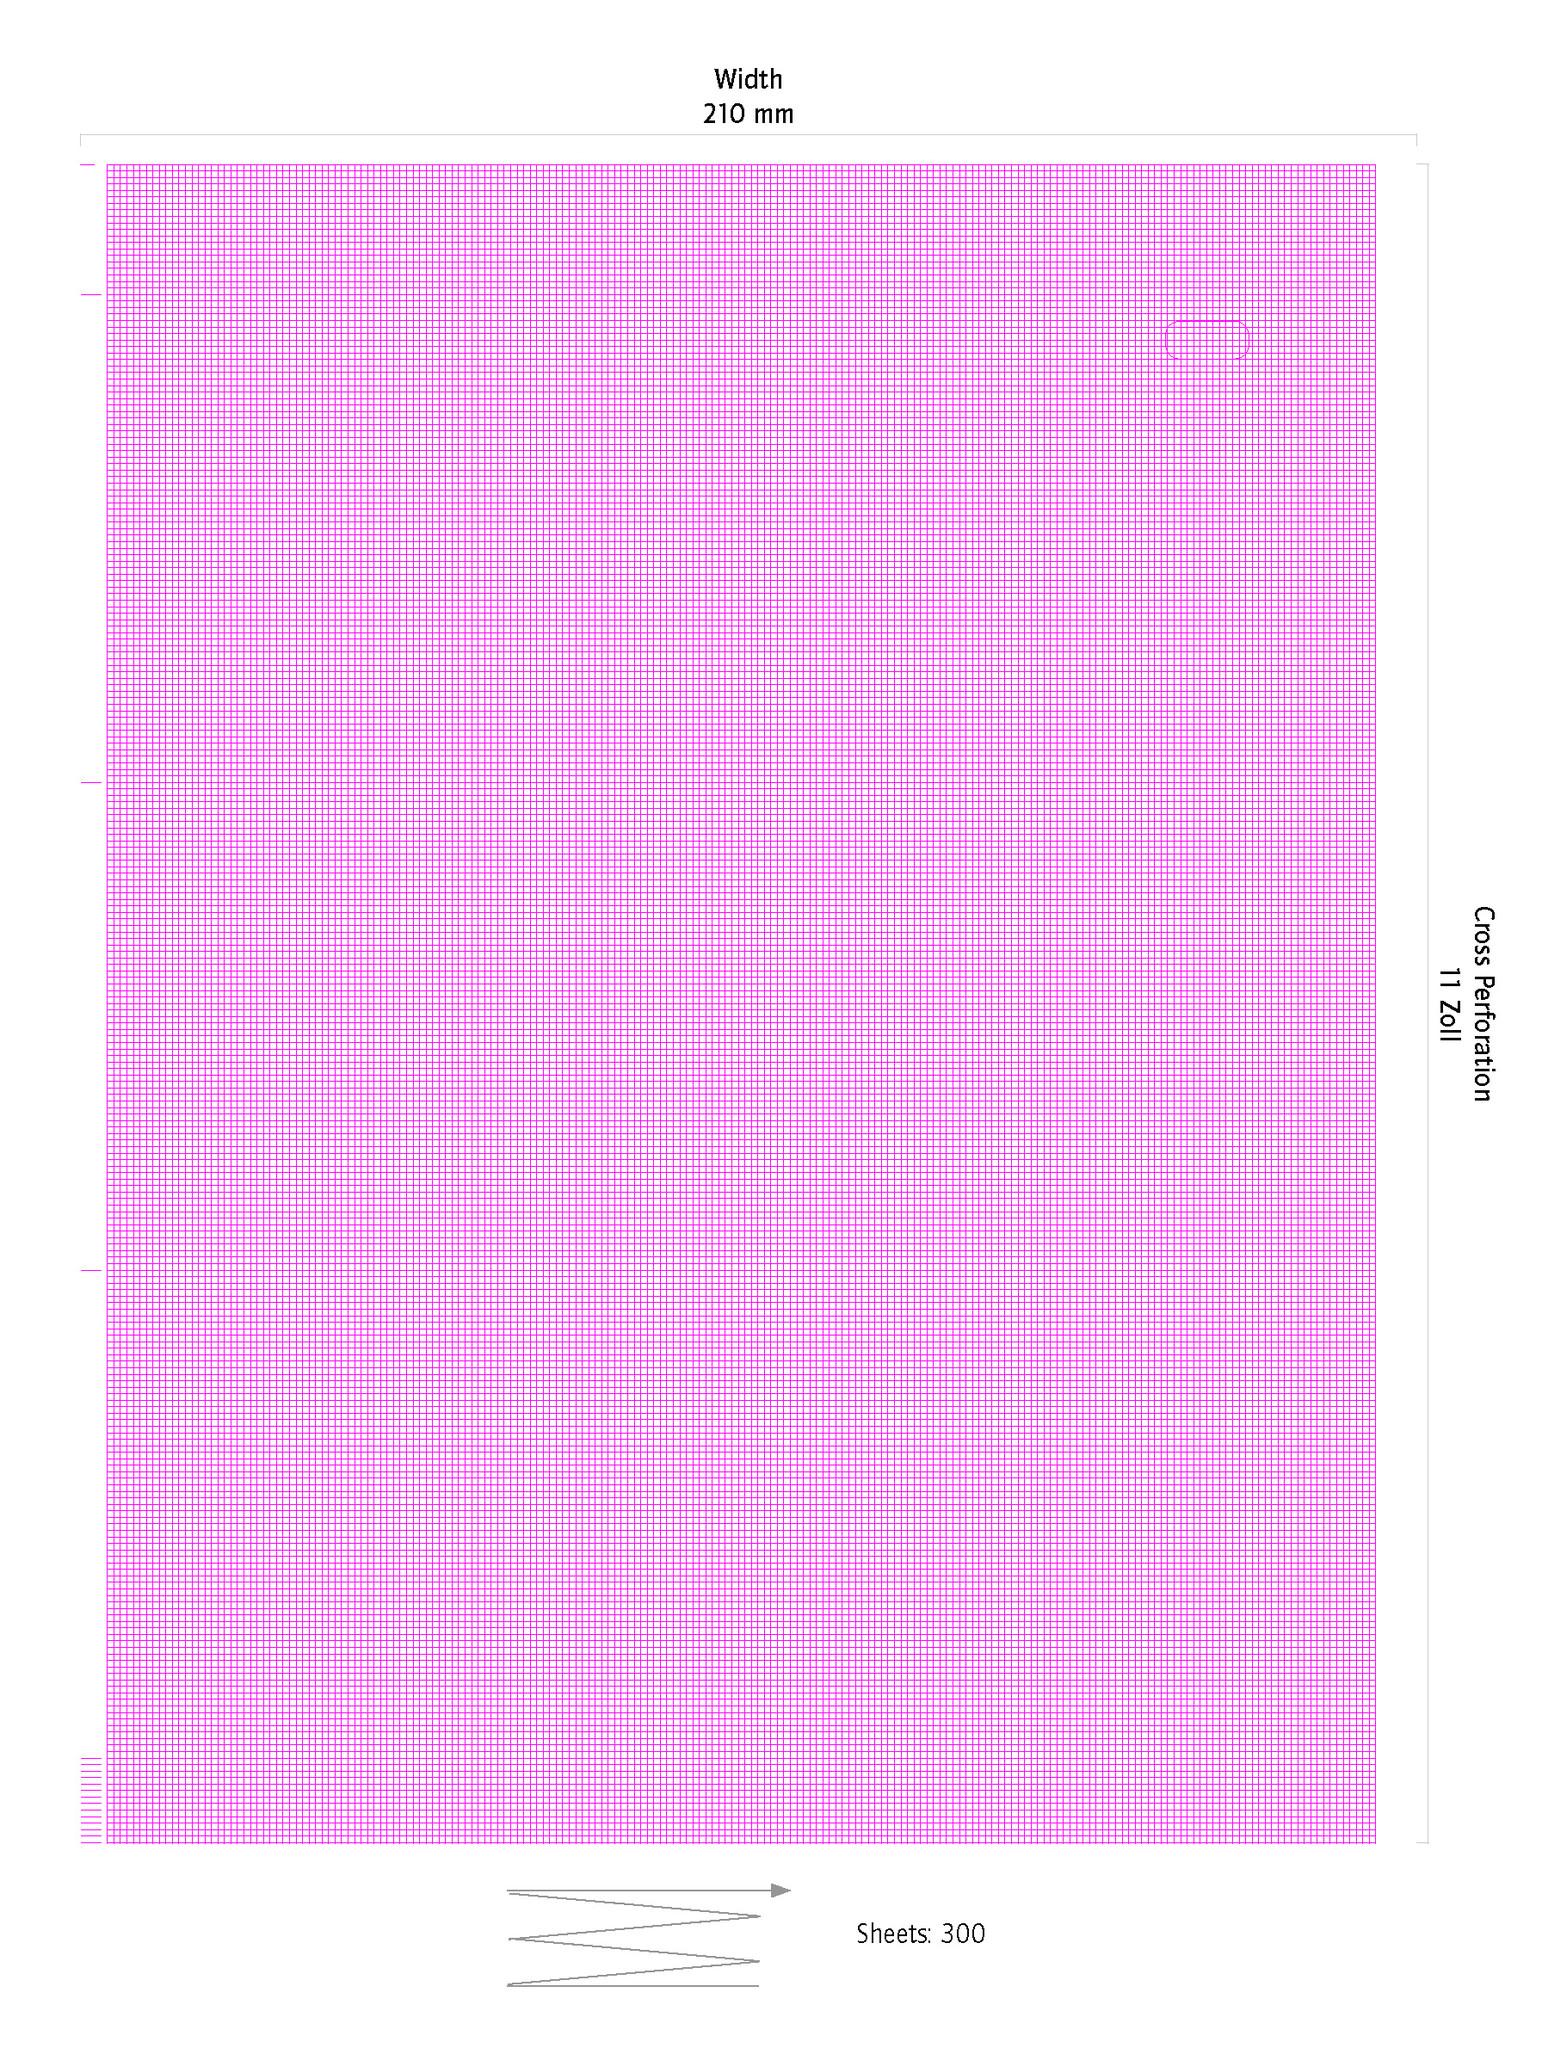 EKG-Papier Carefusion (GE Marquette) Mac5500 210 mm x 280 mm x 300 Seiten, 3 Stück